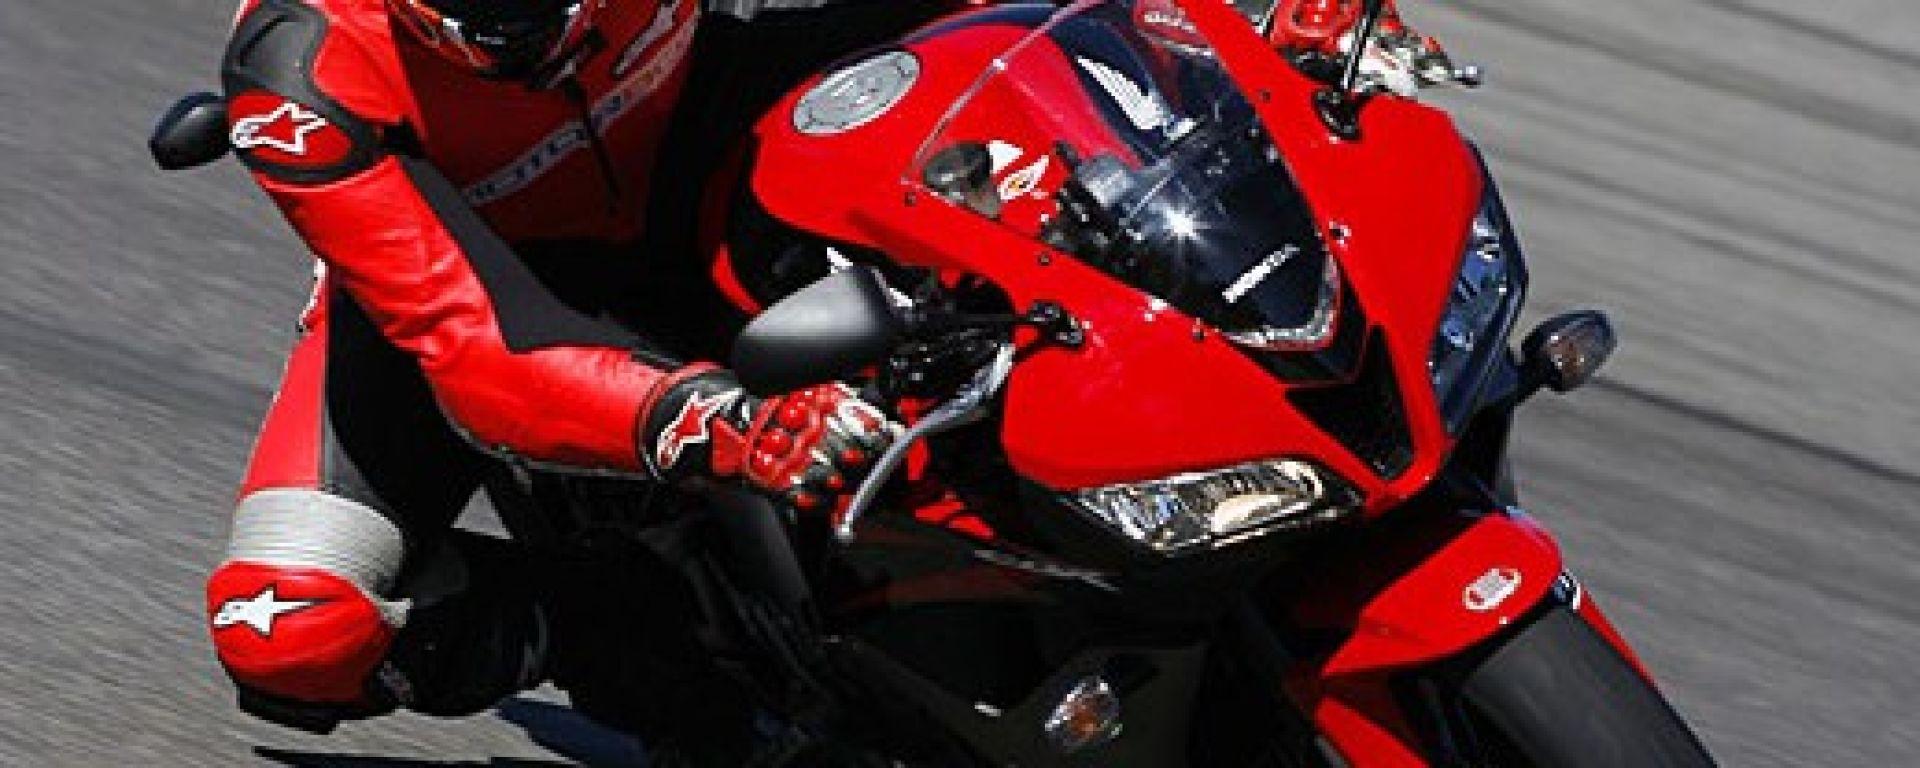 Honda CBR 600 RR '07